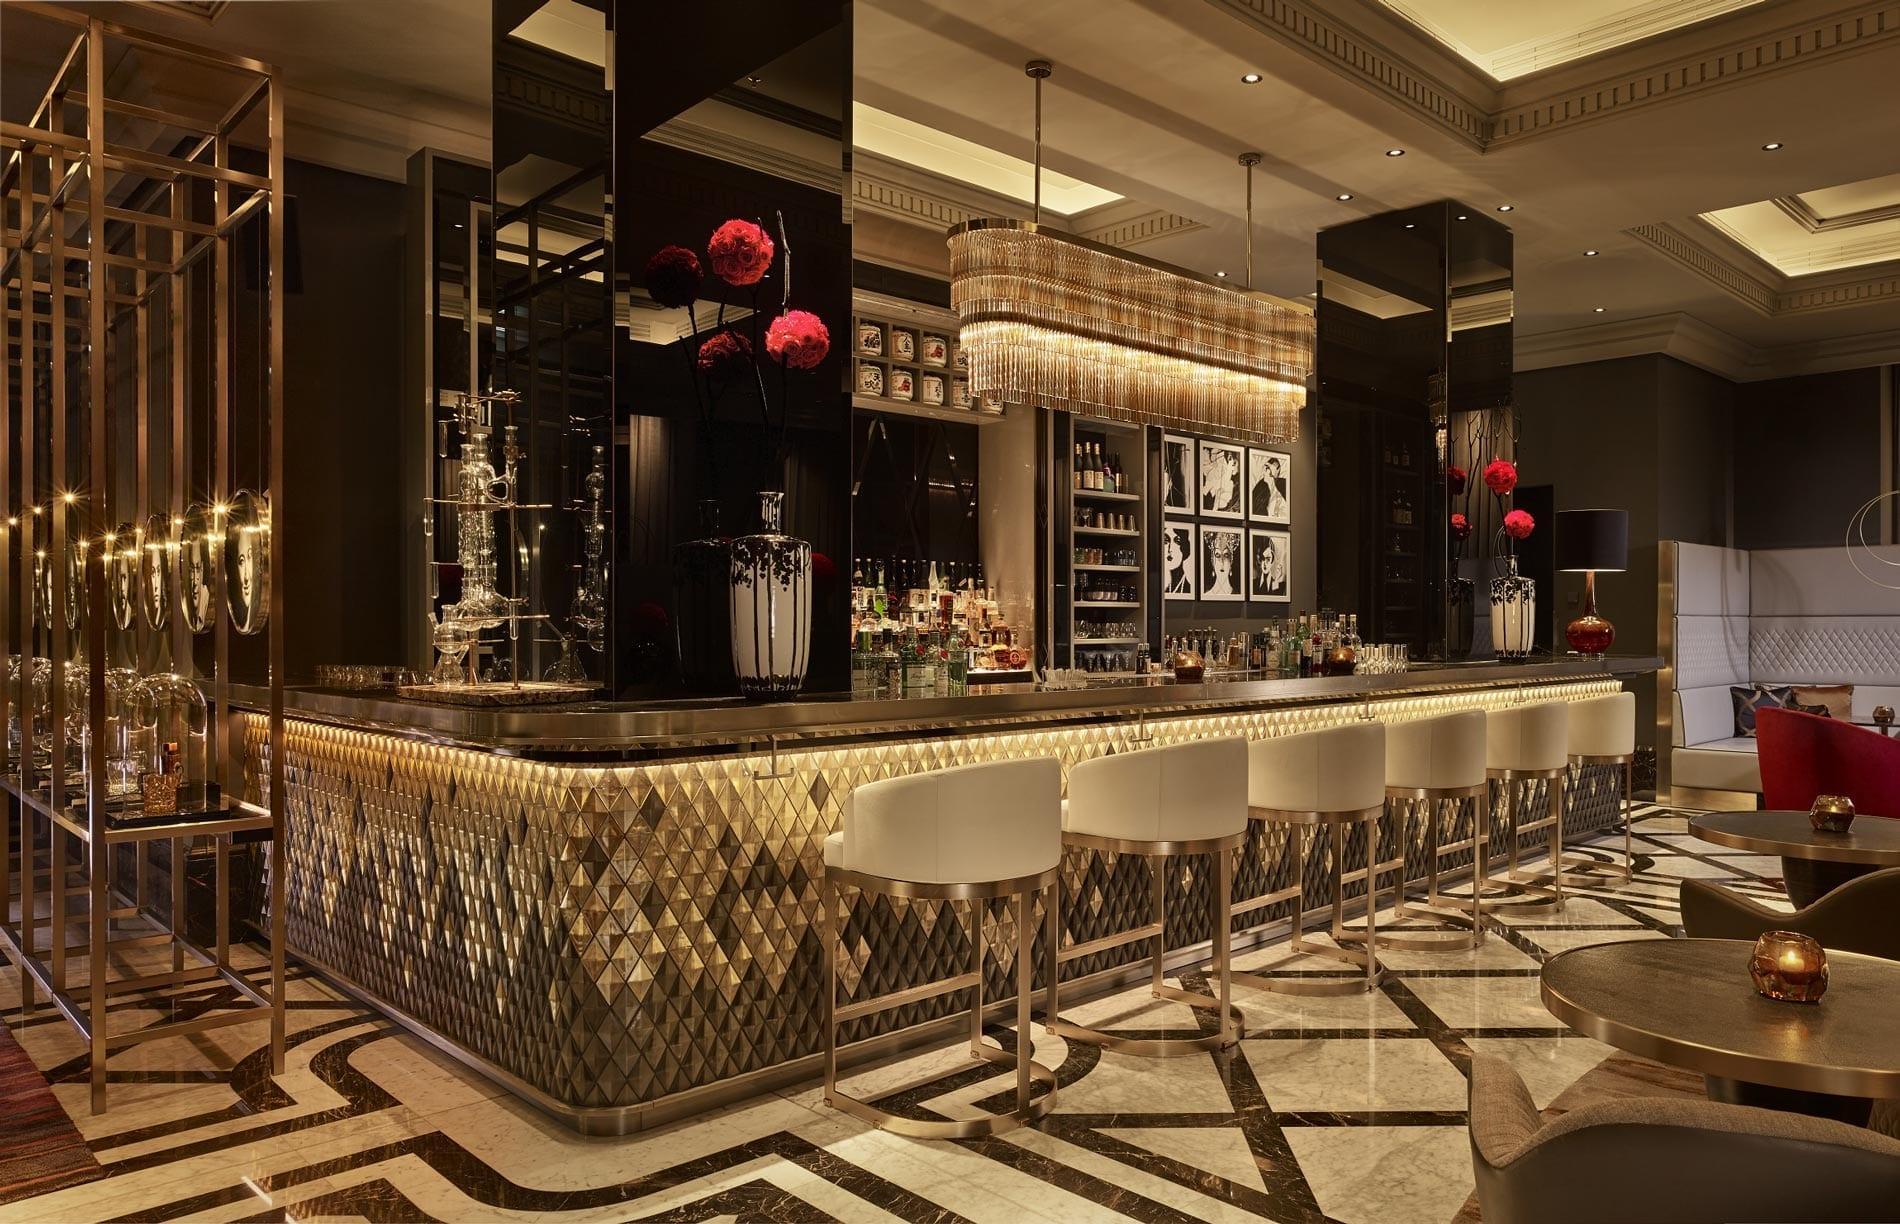 The Ritz Carlton Fragrances Bar